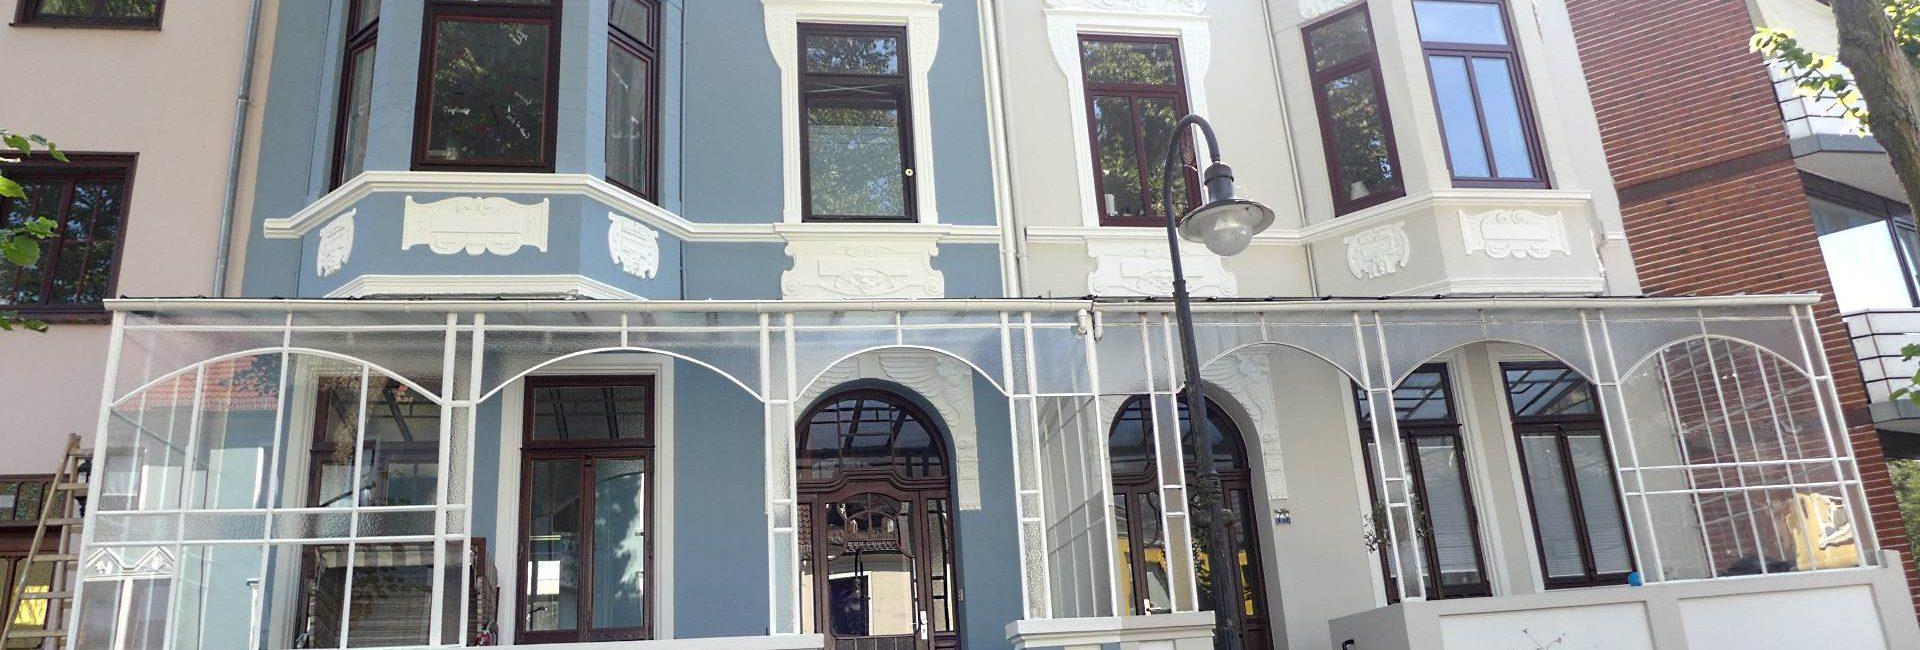 Fassadensanierung und Fassadenrenovierung in Bremen Altbremer Fassade